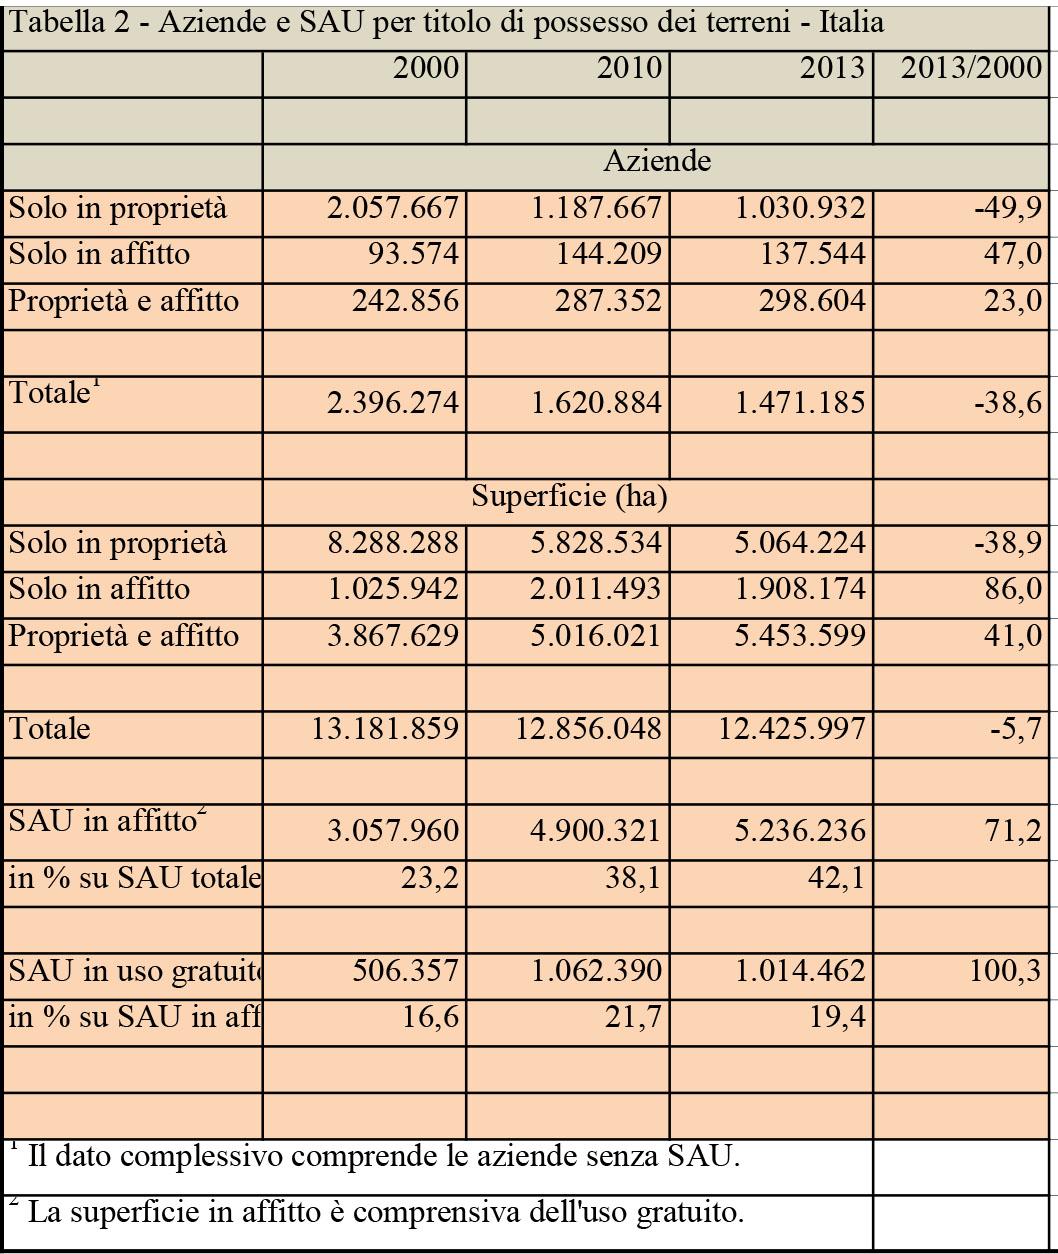 Fonte: ISTAT, Censimento dell'agricoltura, 2000 e 2010 e Indagine Strutture 2013.